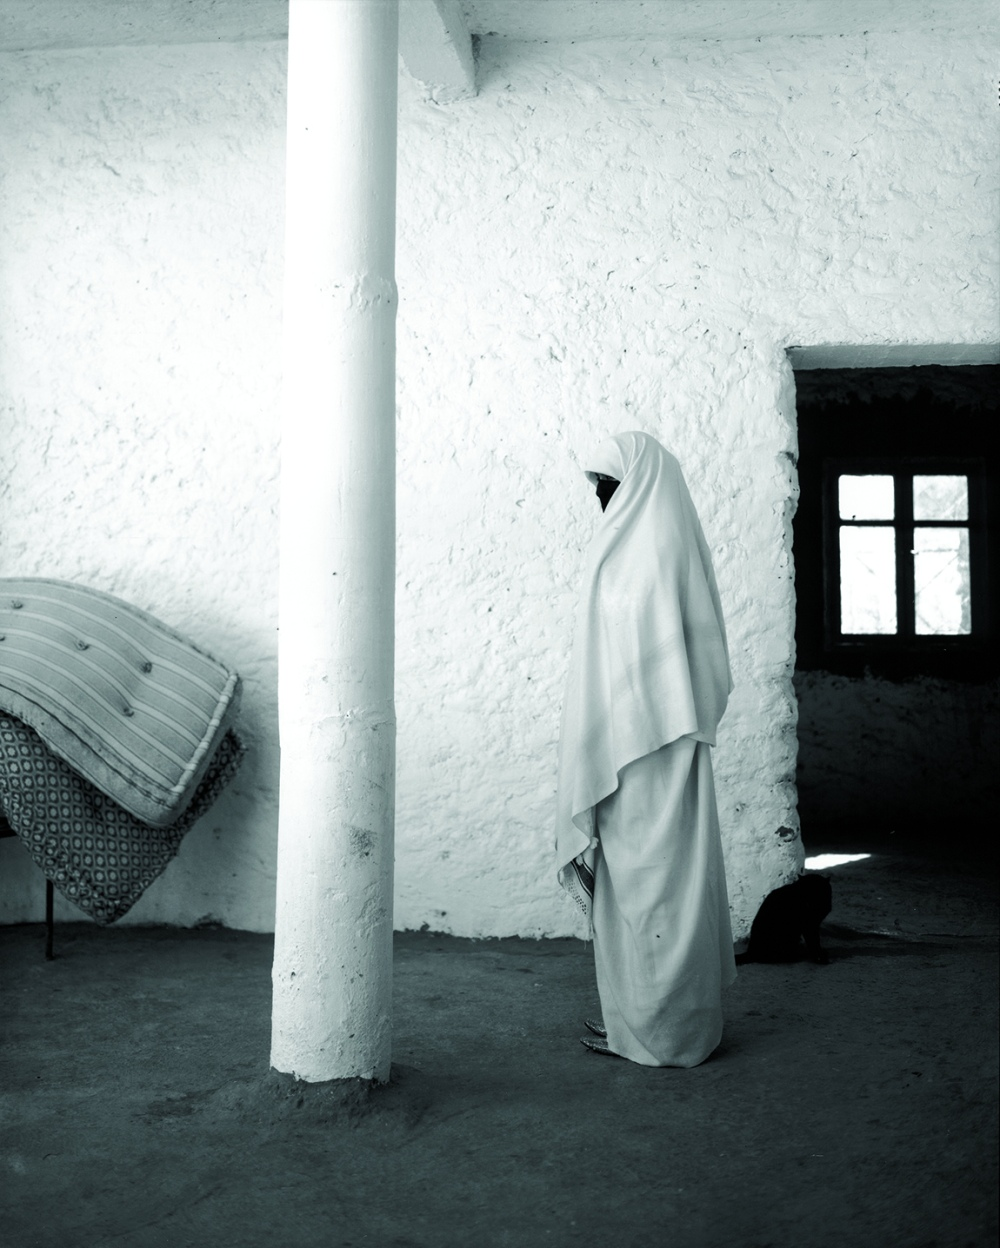 ©Diana LUI,Veil-6_Essaouira, courtesy galerie 127